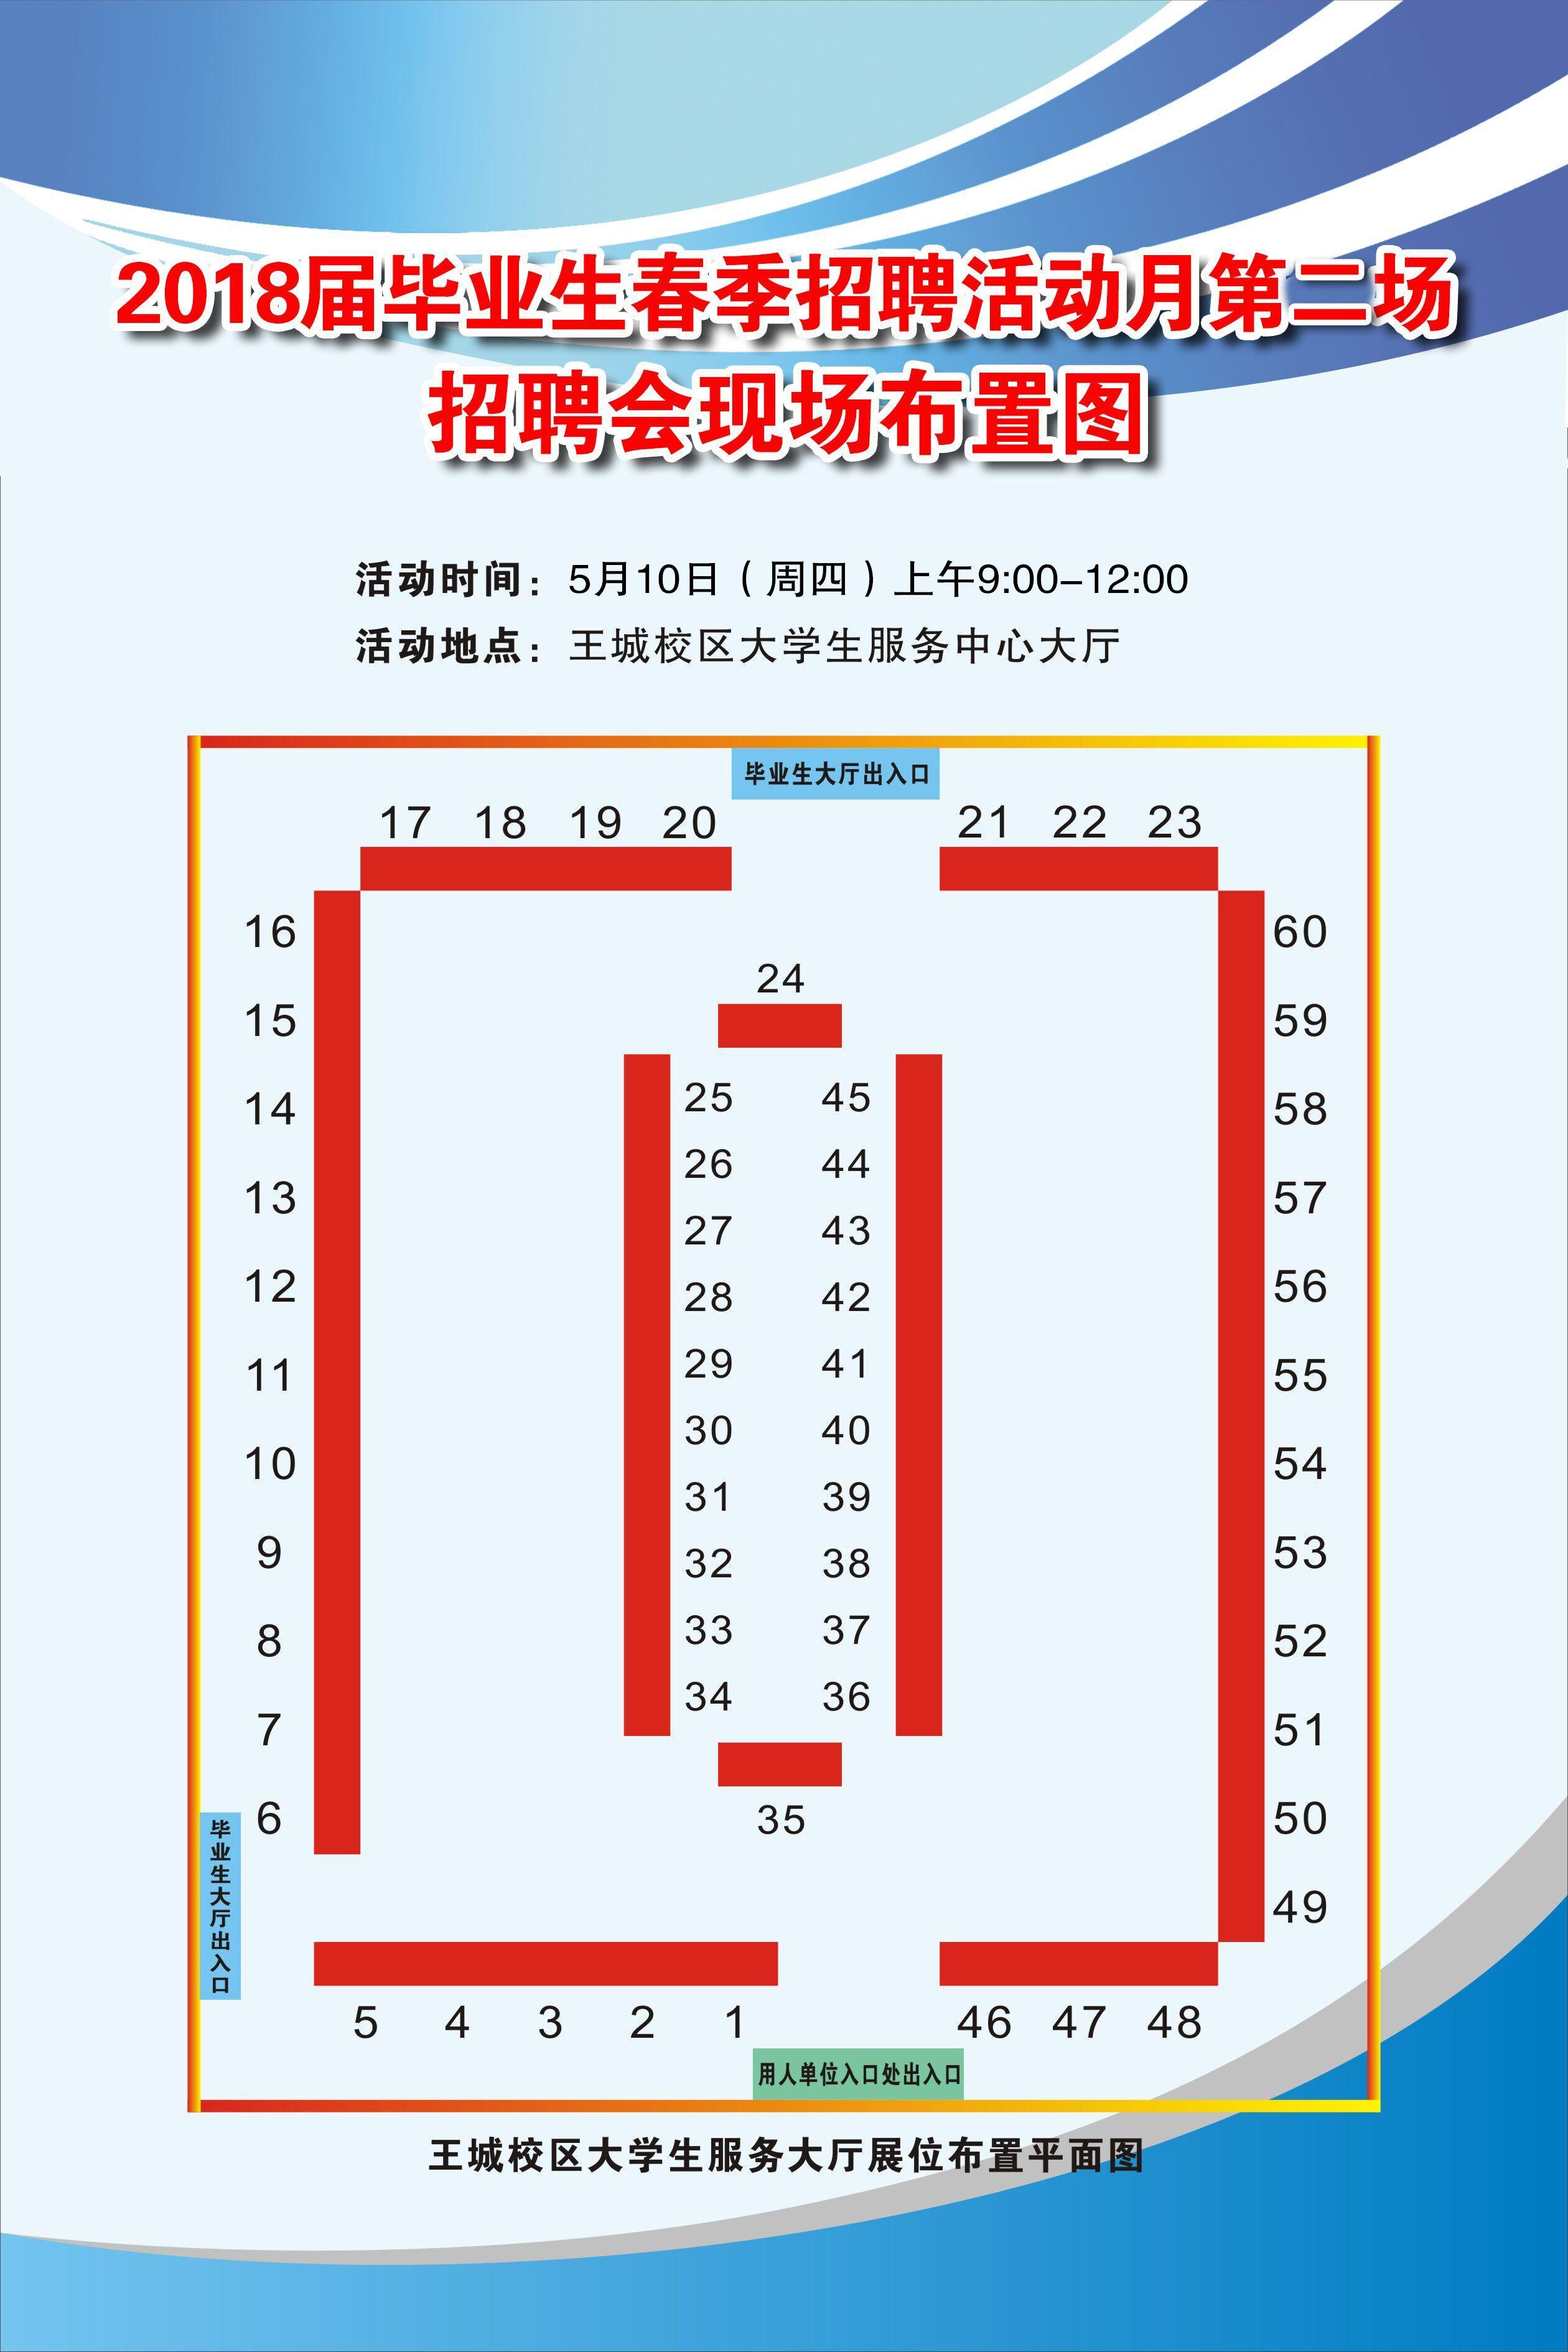 53 洛阳兔加熊健康管理有限公司 54 新疆天山水泥股份有限公司 55